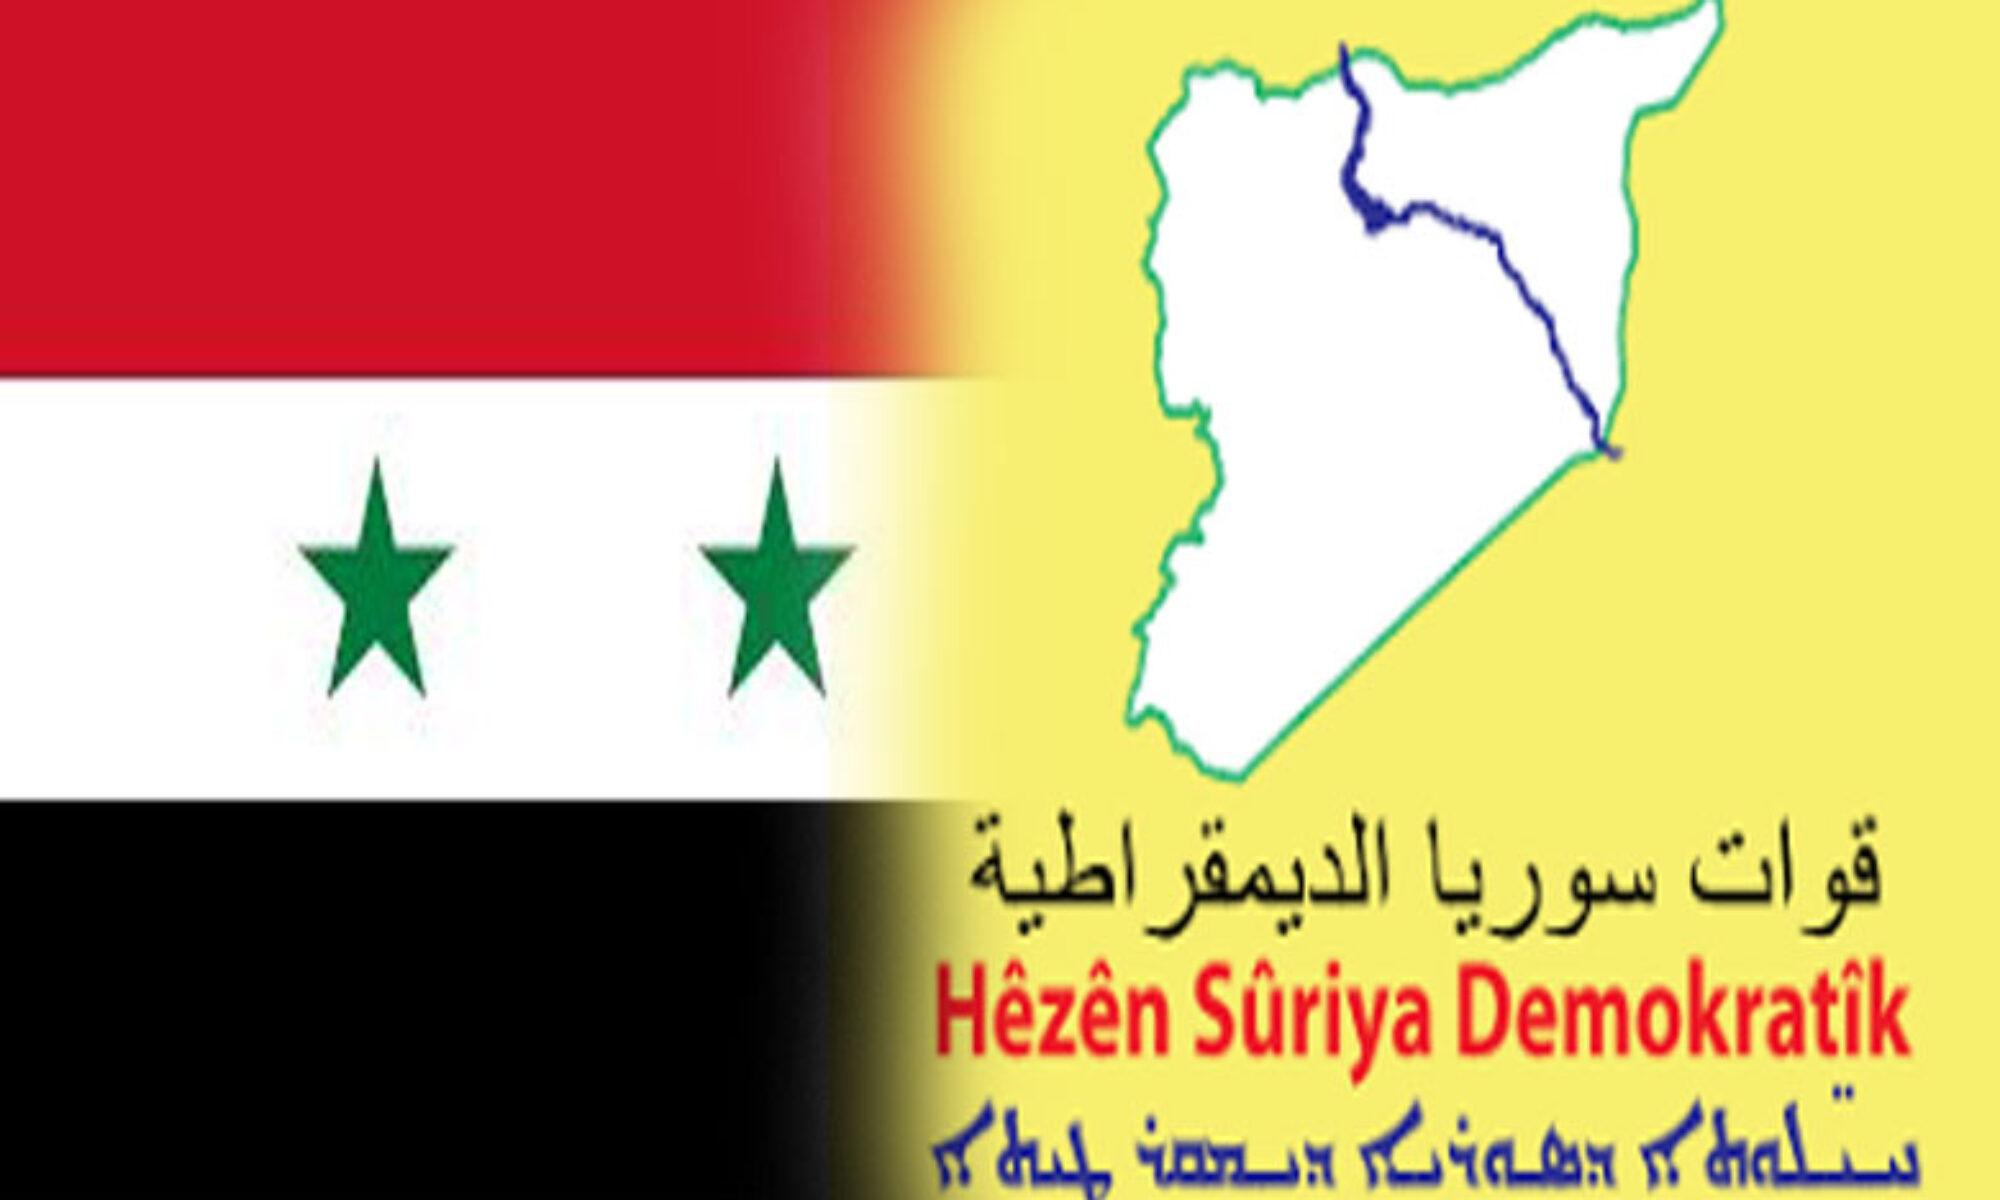 Rusya arabuluculuğunda HSD ve Suriye görüşmeleri yeniden başlıyor